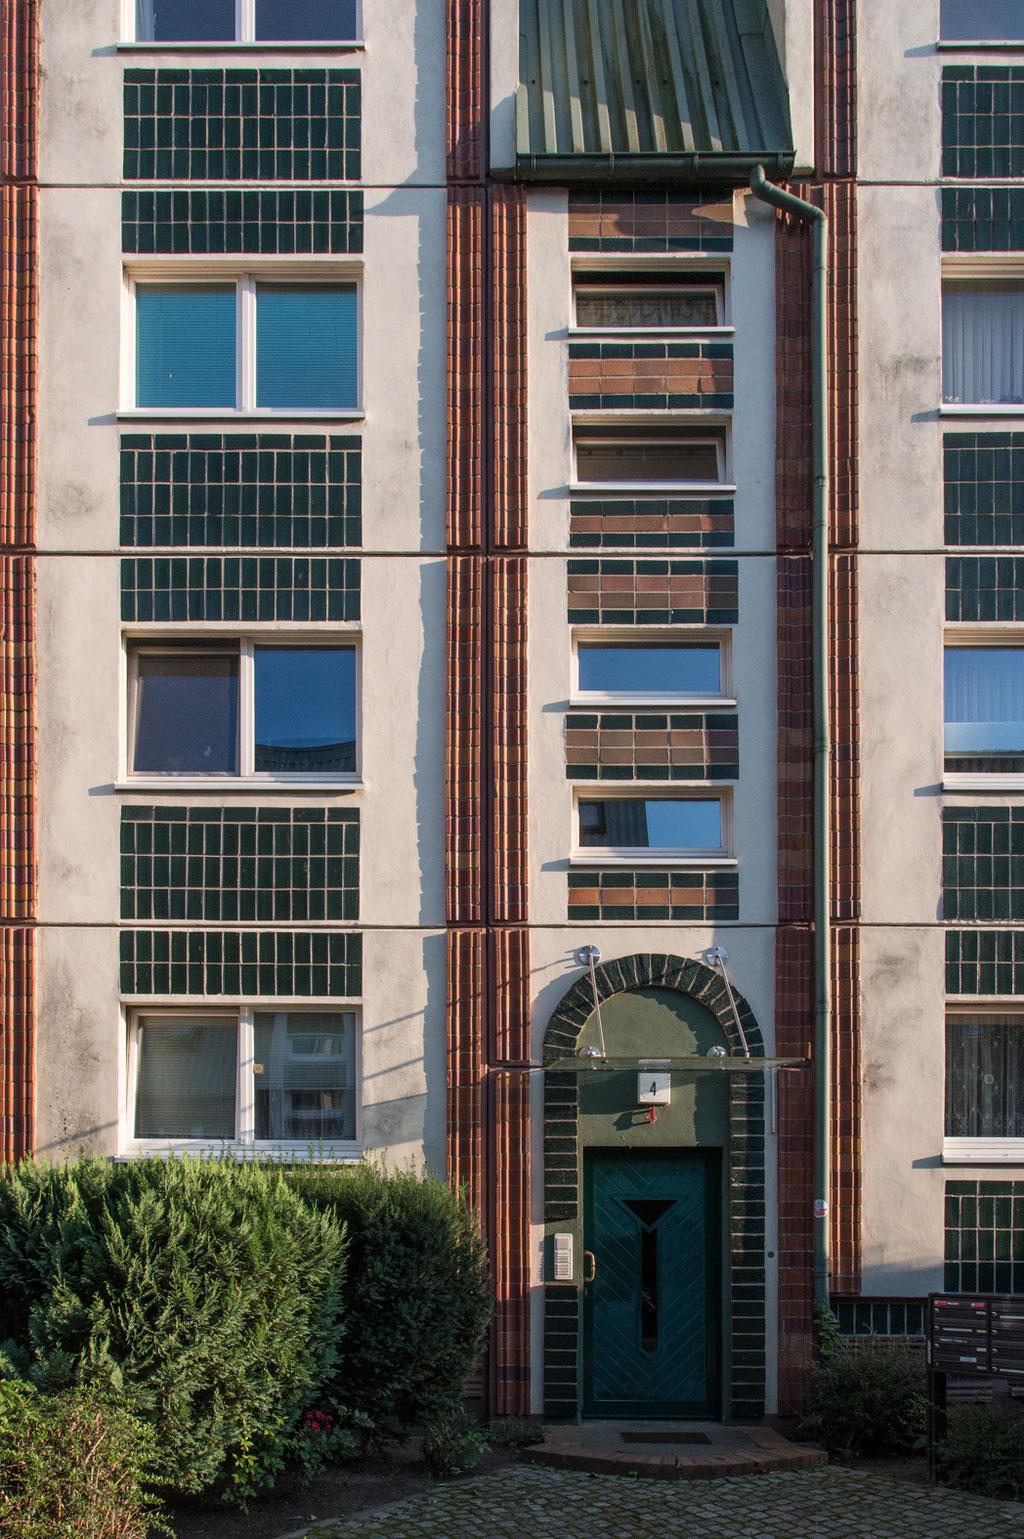 Wohnbebauung Nördliche Altstadt (Wohnungsbaukombinat Rostock, Erich Kaufmann Kollektiv), Rostock (D)